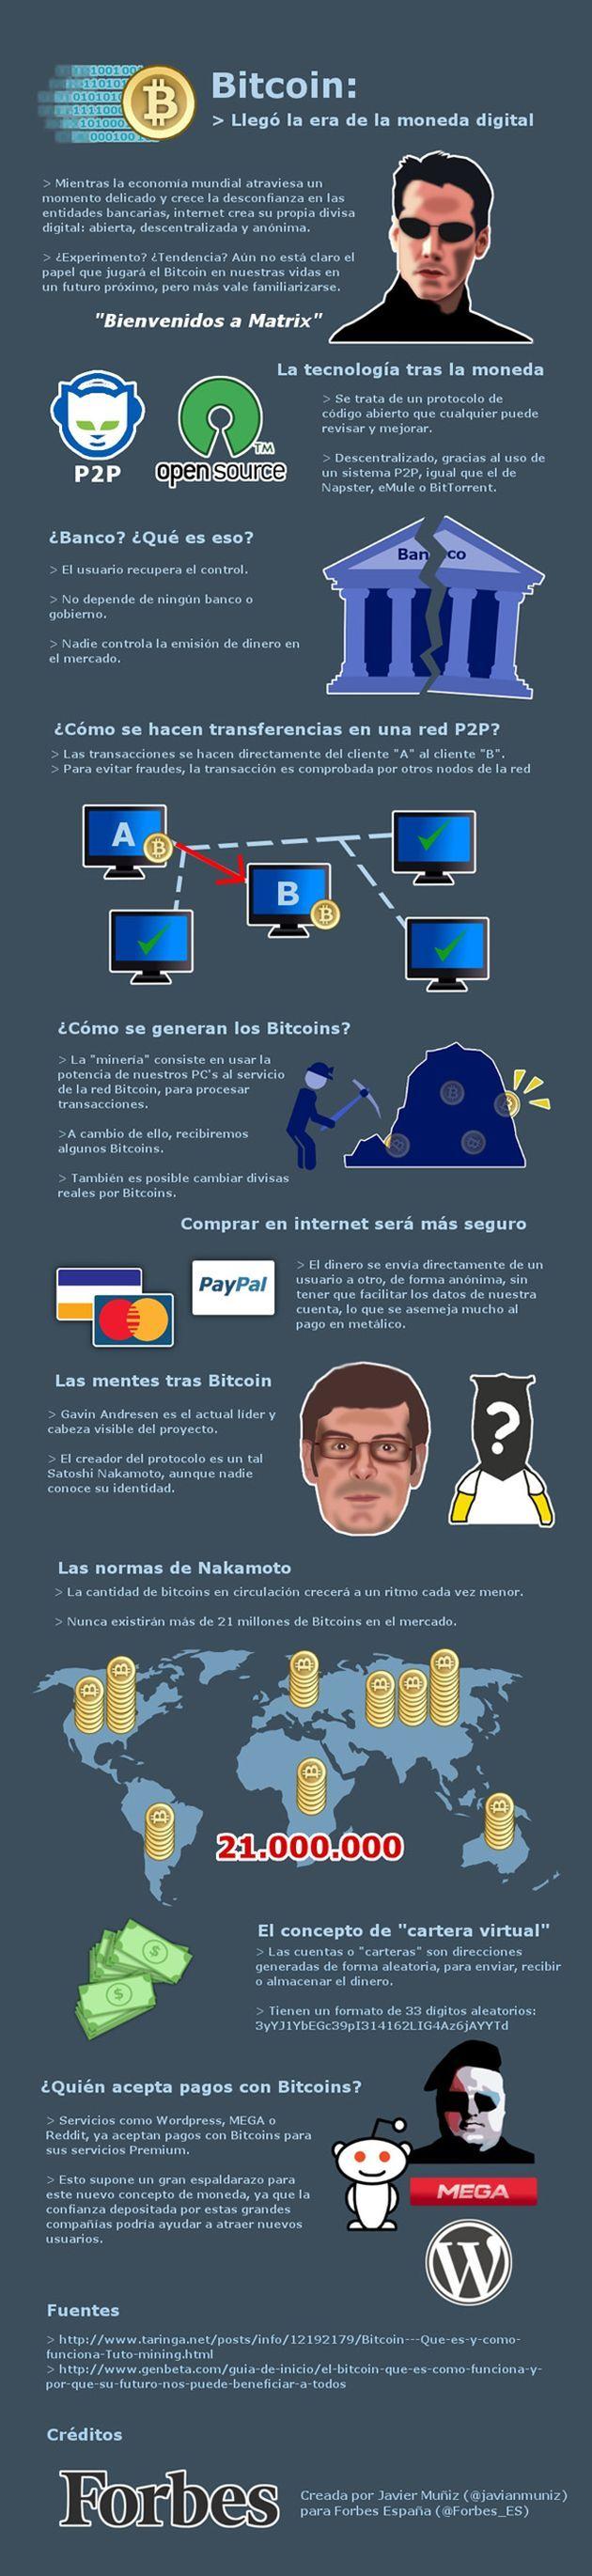 Si aún no sabes de qué va eso de las #bitcoins, aquí tienes una infografía que ayudará a entenderlo